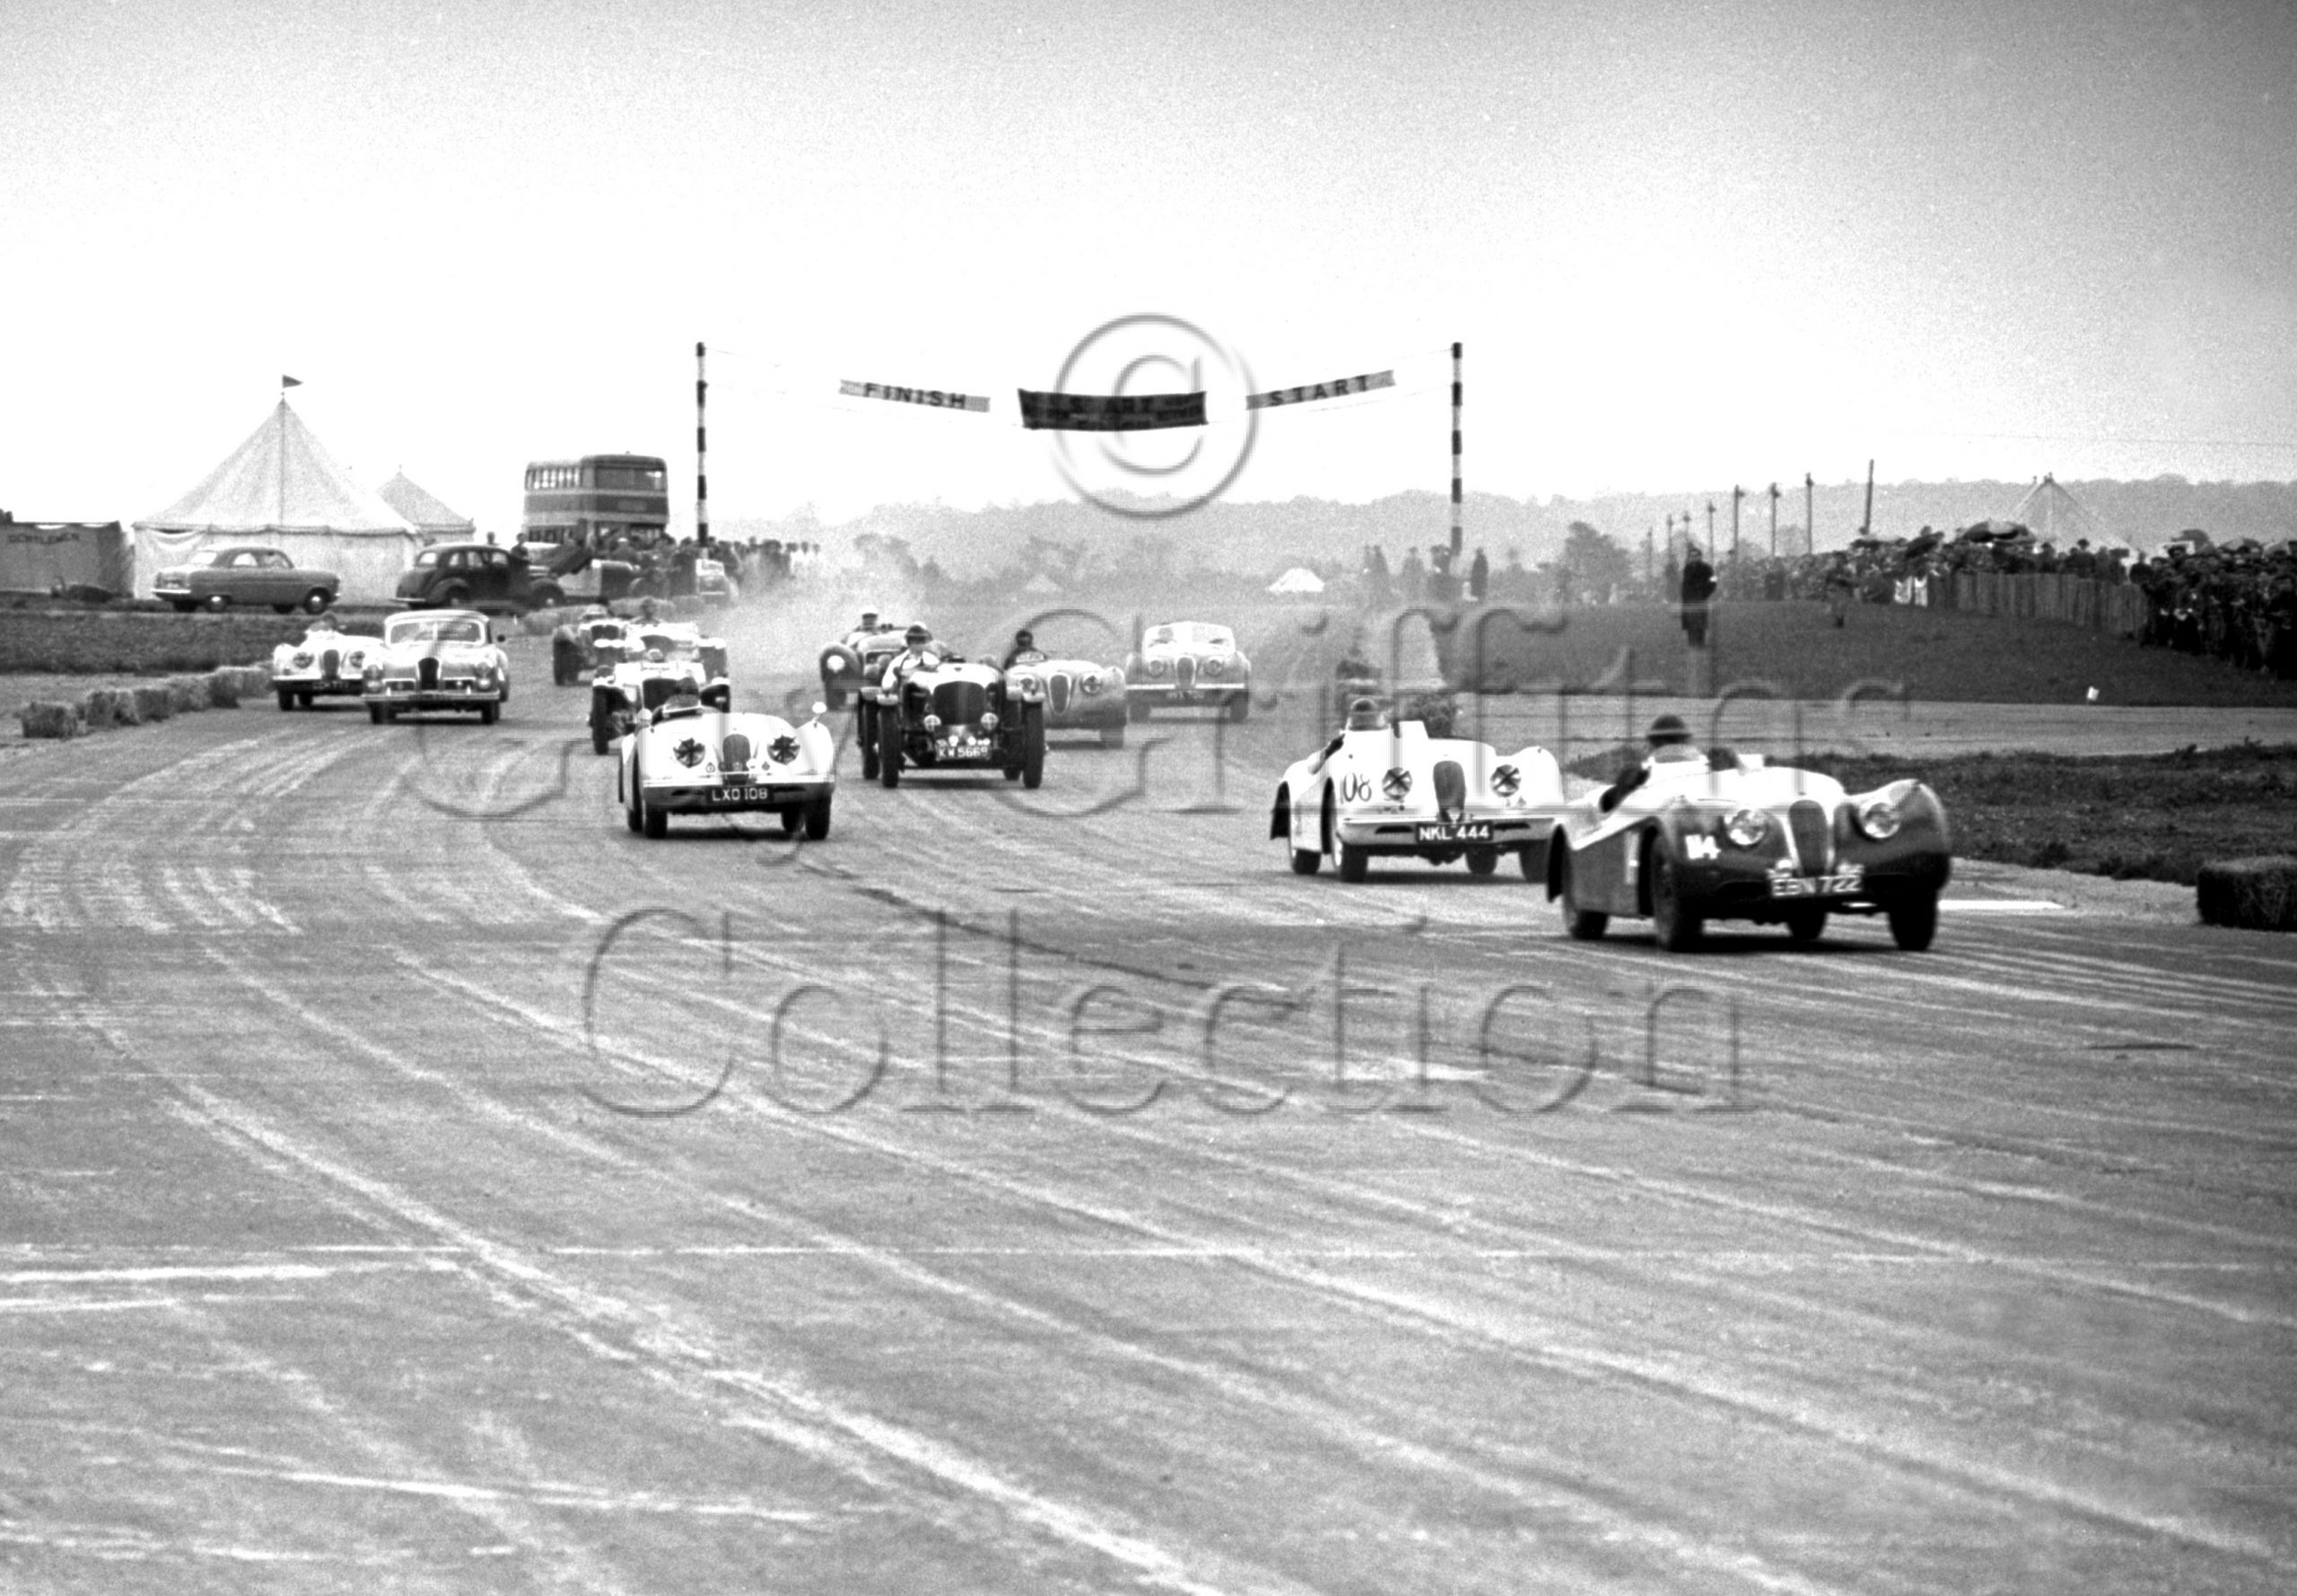 44-181–A-Hoffman–Jaguar–Boreham–26-05-1951.jpg - Guy Griffiths Collection